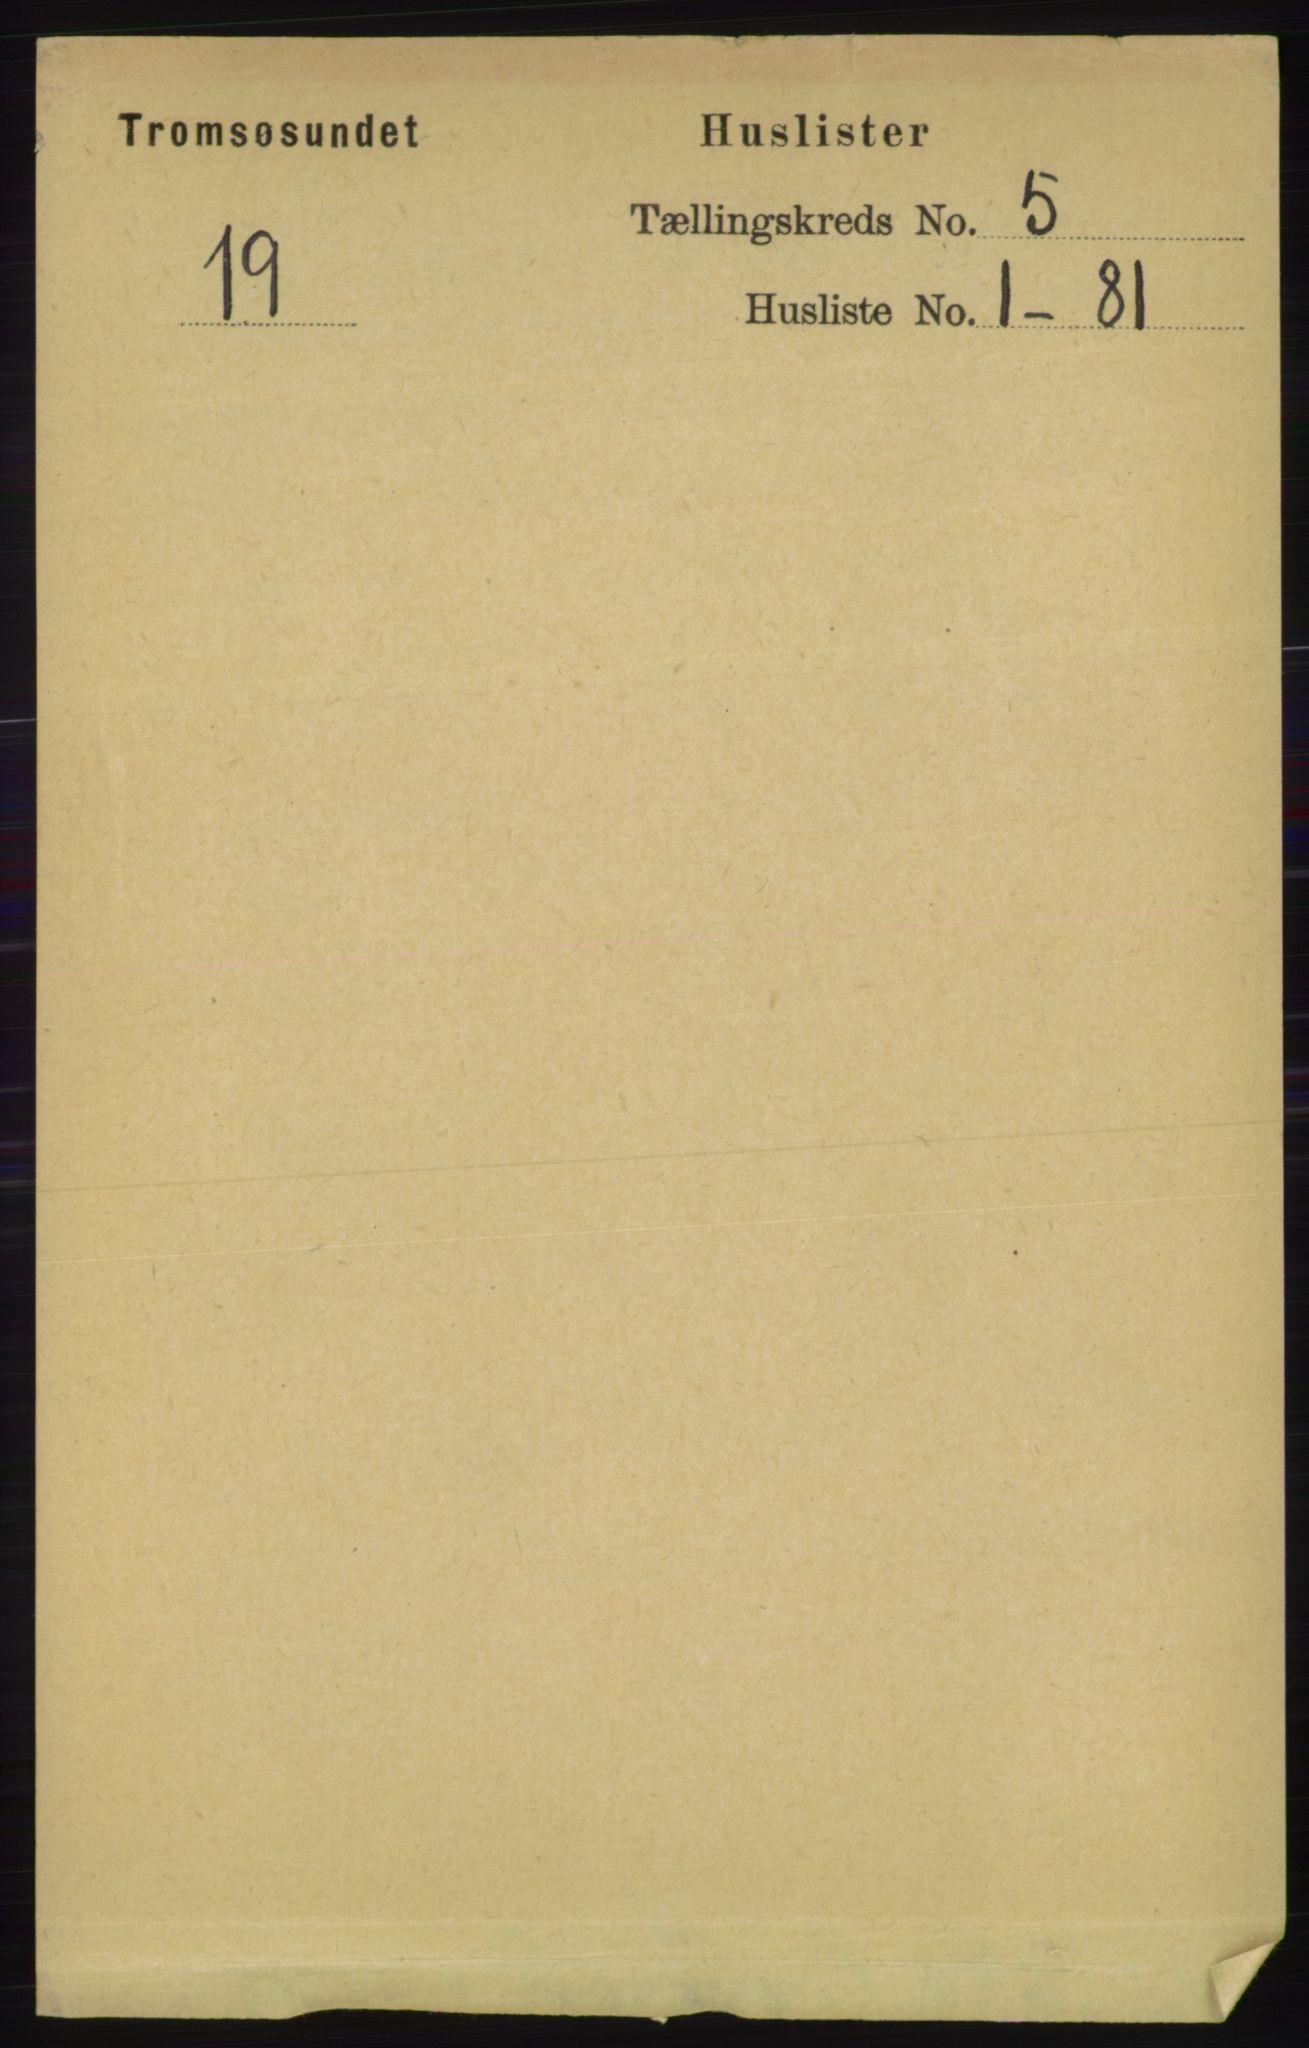 RA, Folketelling 1891 for 1934 Tromsøysund herred, 1891, s. 2241